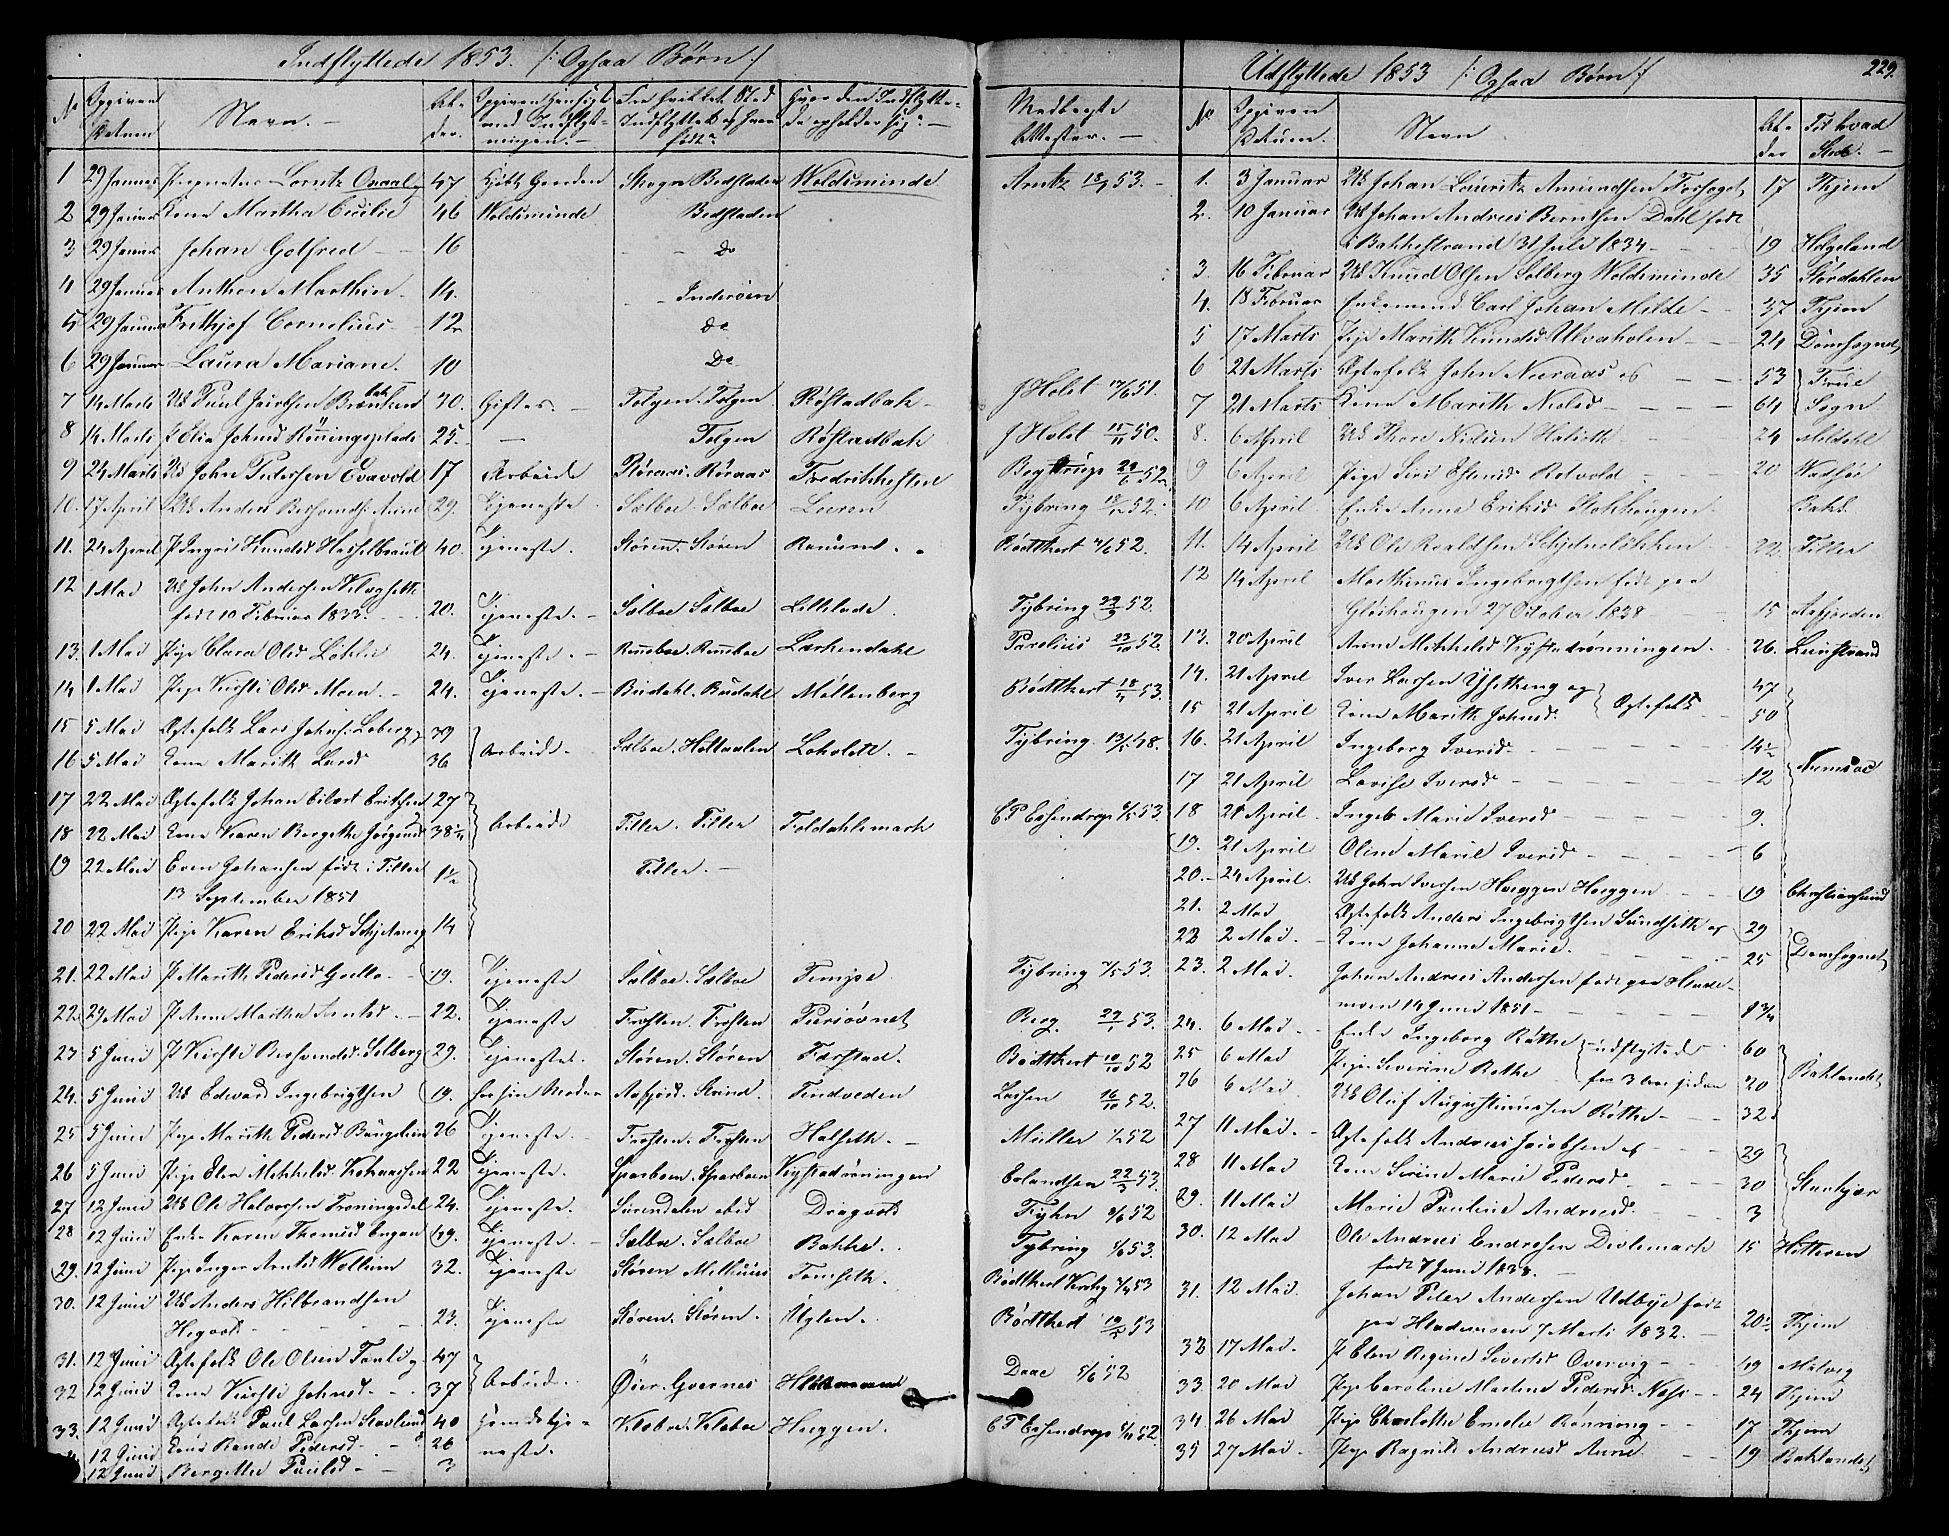 SAT, Ministerialprotokoller, klokkerbøker og fødselsregistre - Sør-Trøndelag, 606/L0310: Klokkerbok nr. 606C06, 1850-1859, s. 229